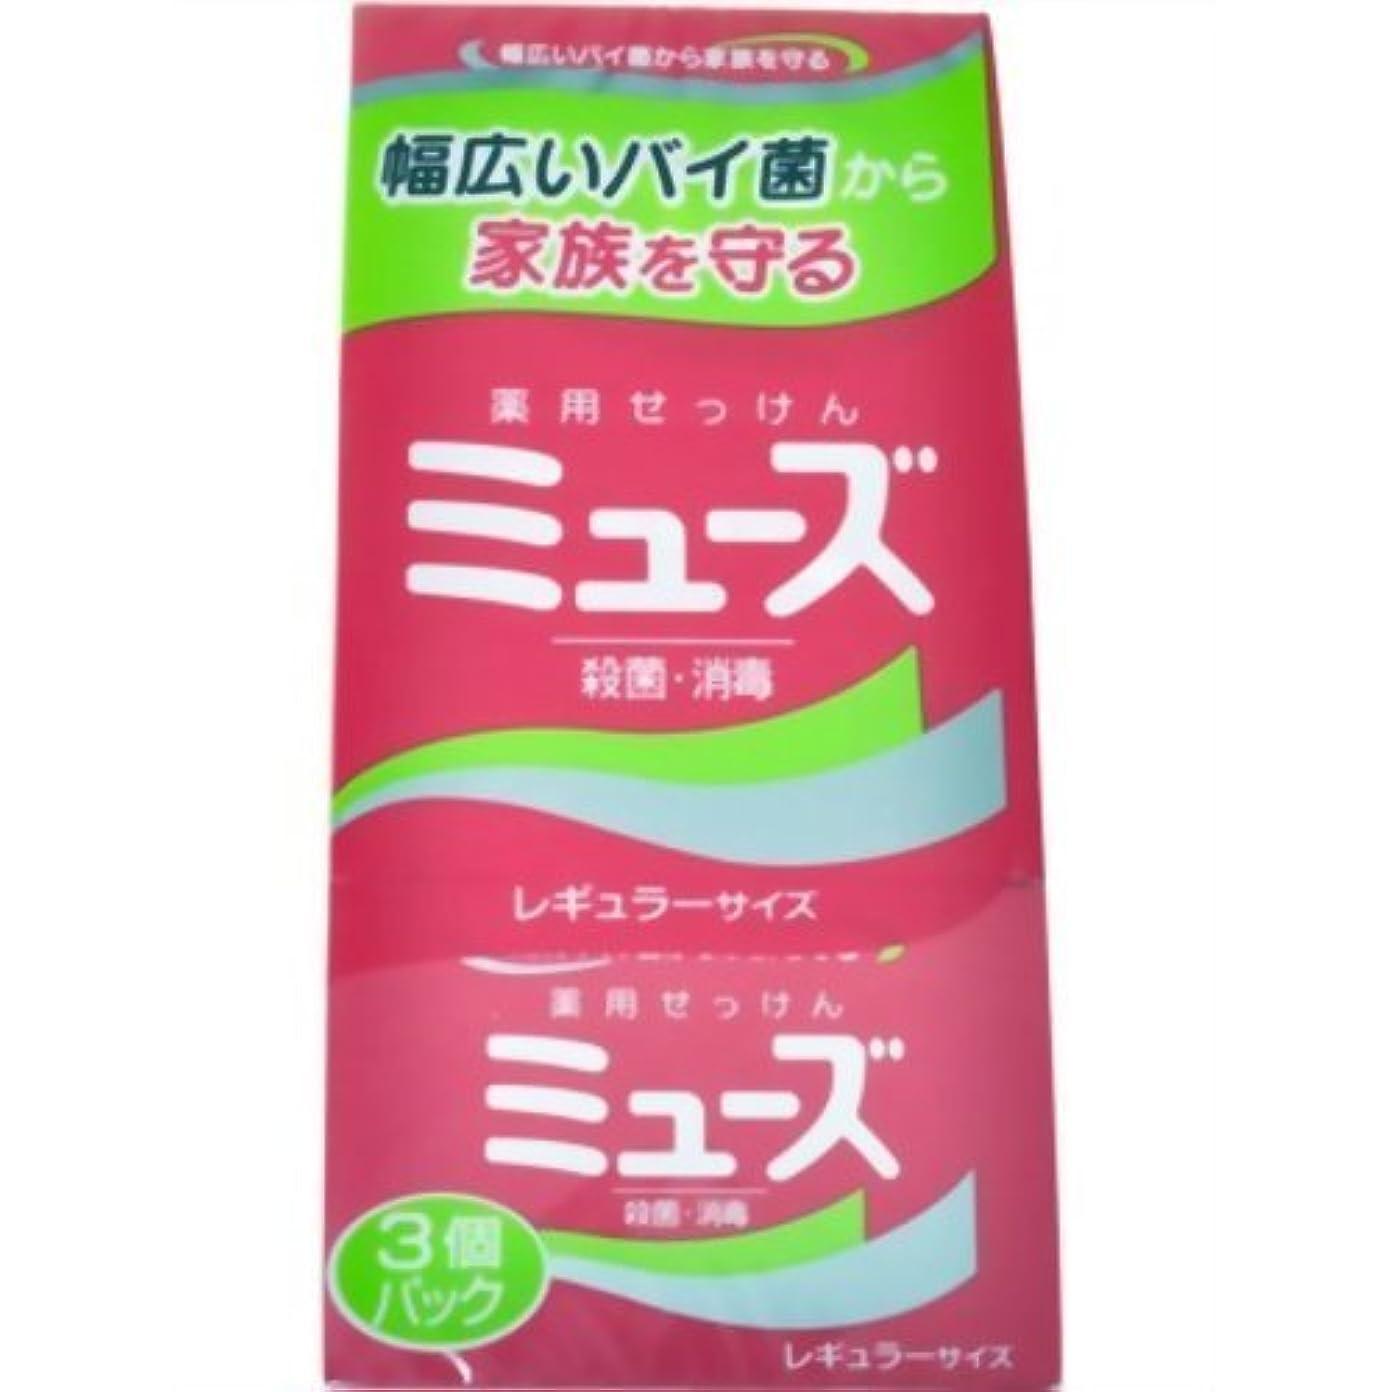 線形ムスタチオホイストミューズ石鹸 レギュラー 3P ×10個セット